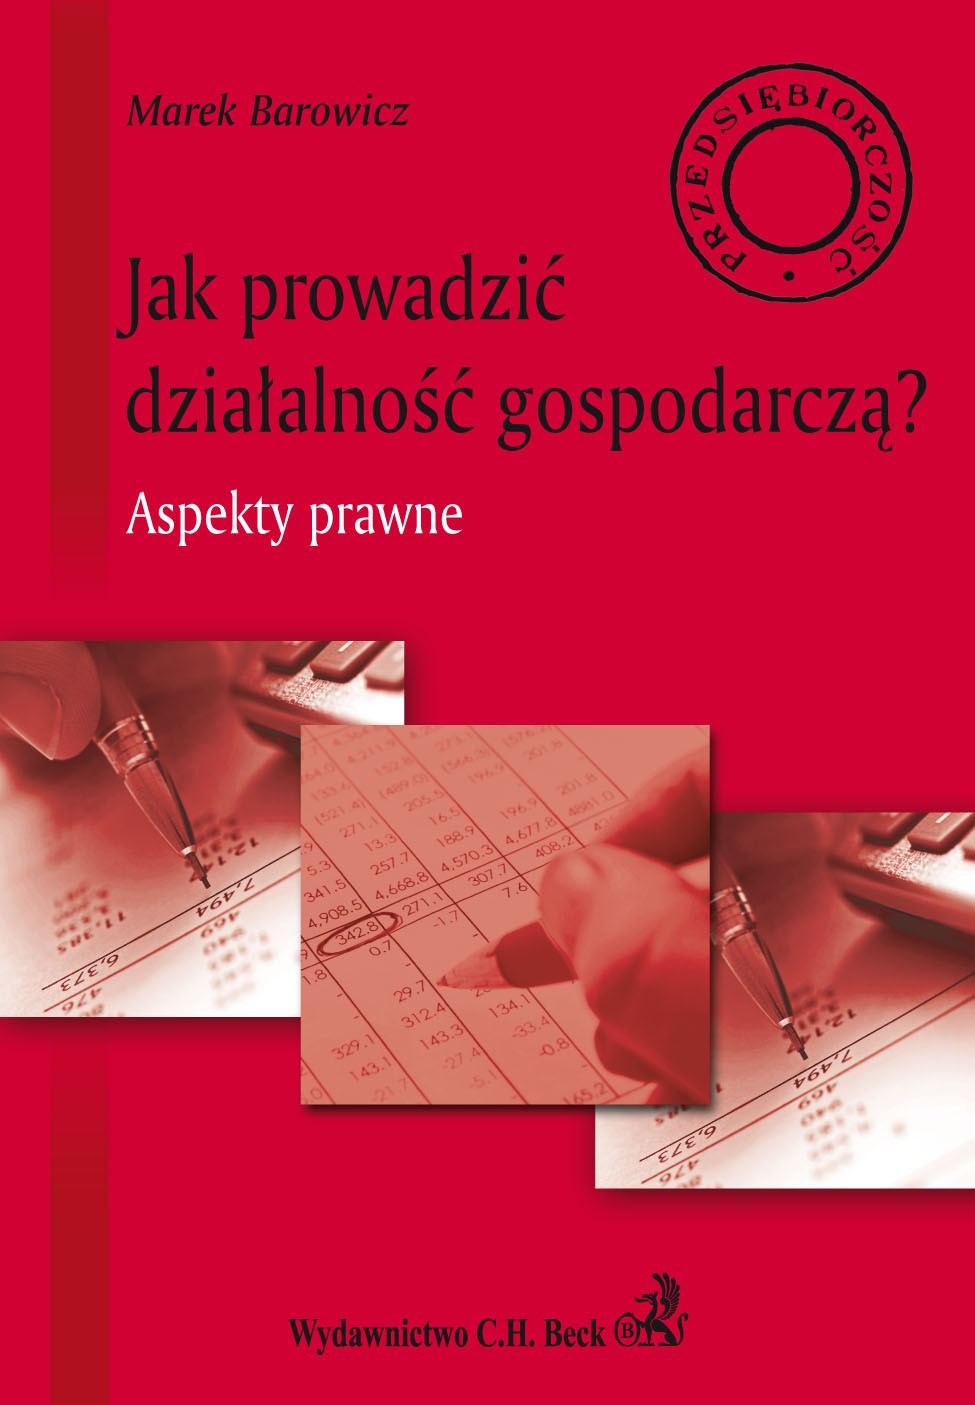 Jak prowadzić działalność gospodarczą? Aspekty prawne - Ebook (Książka PDF) do pobrania w formacie PDF